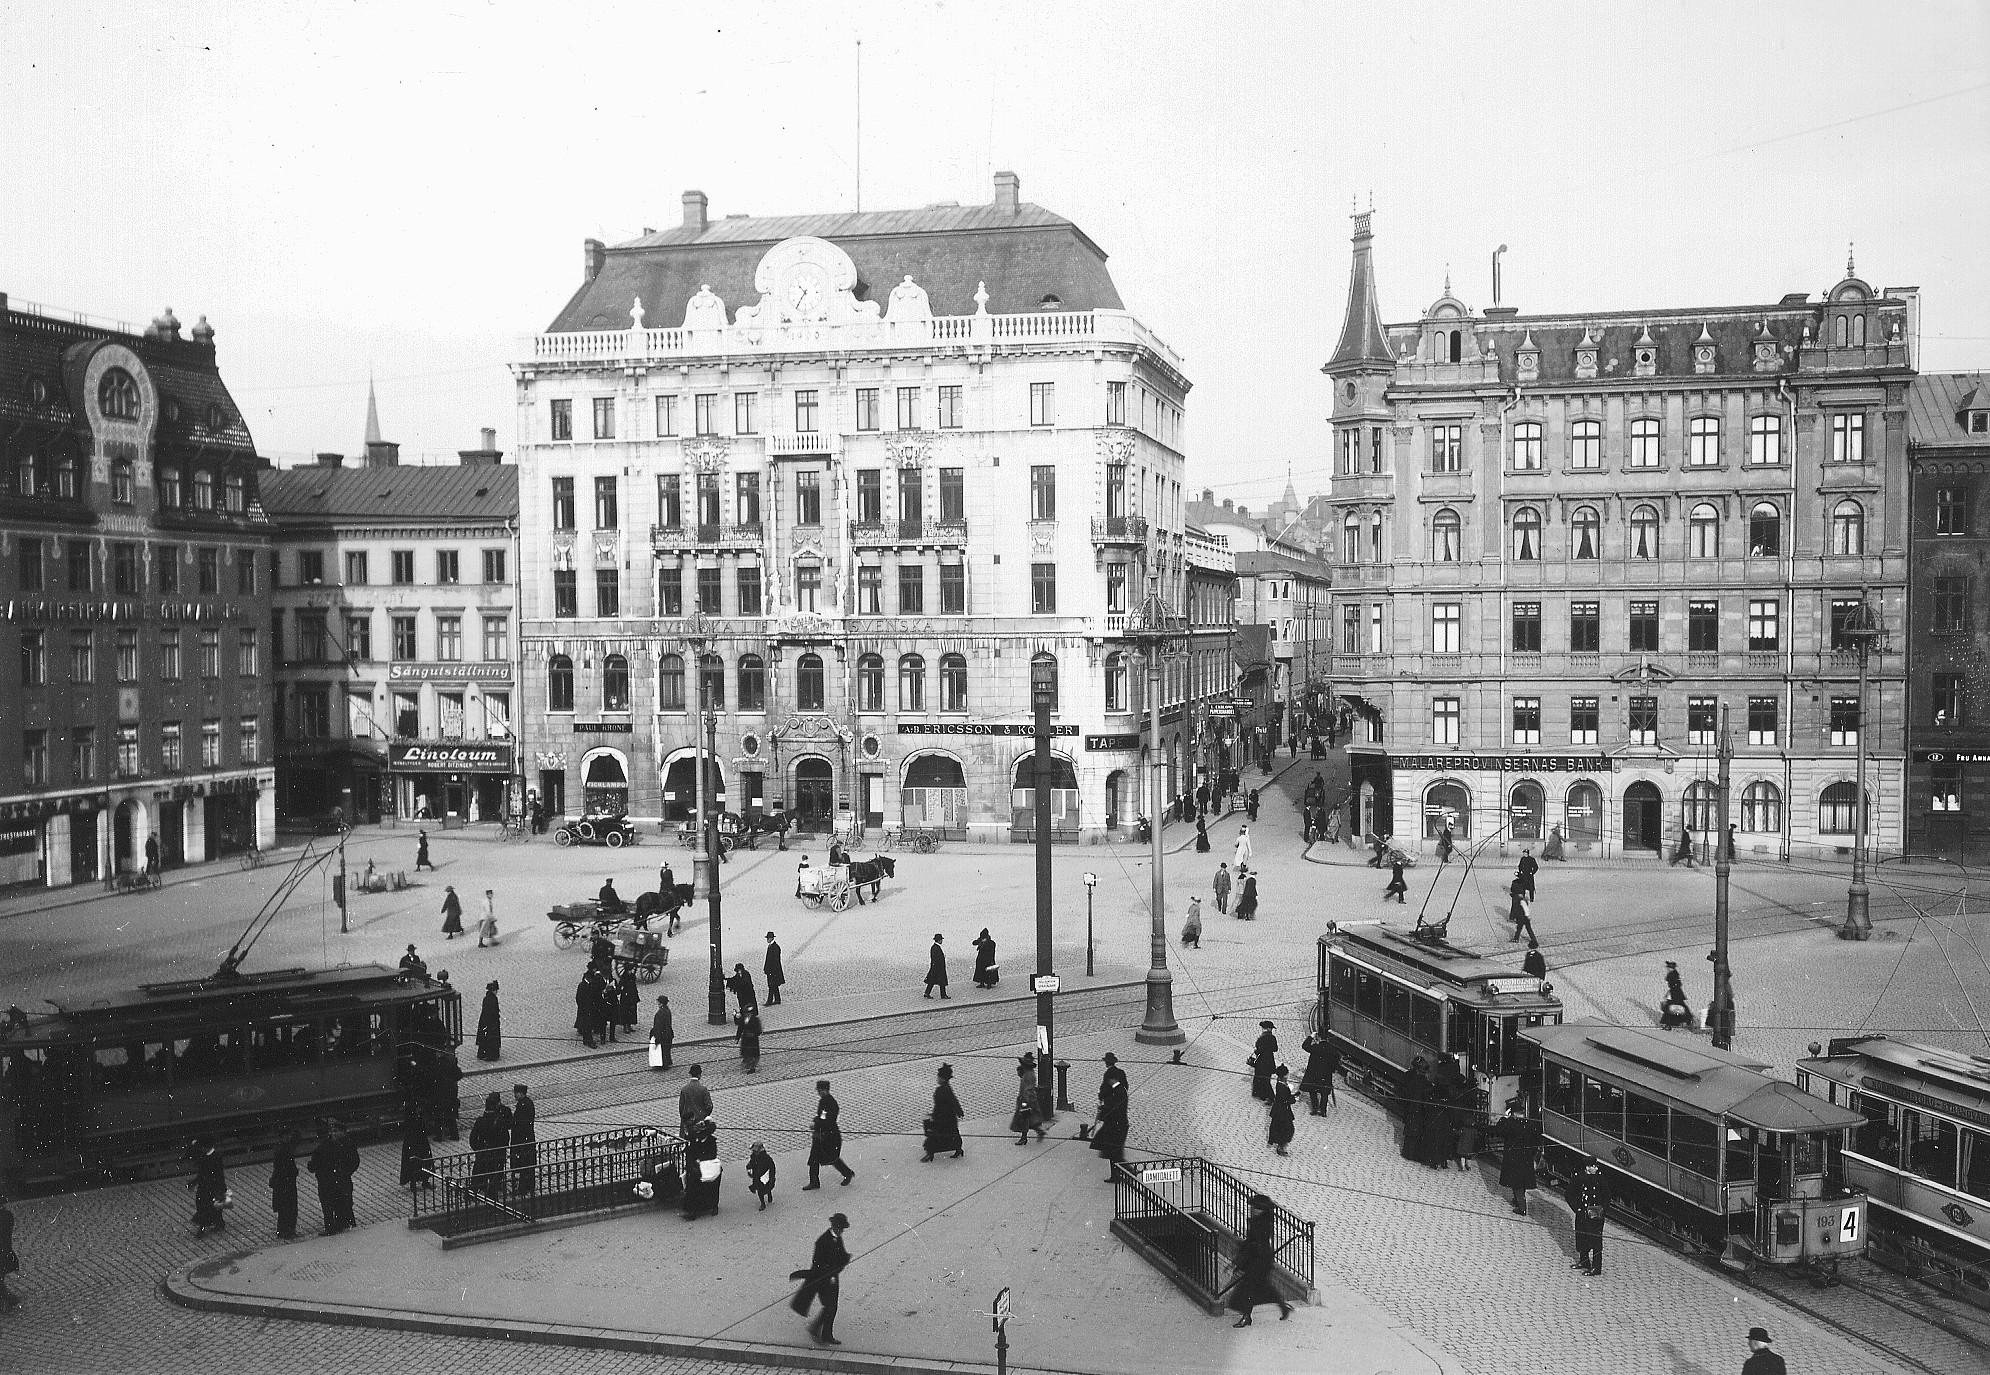 File:Norrmalmstorg 1900talet ugglan.jpg